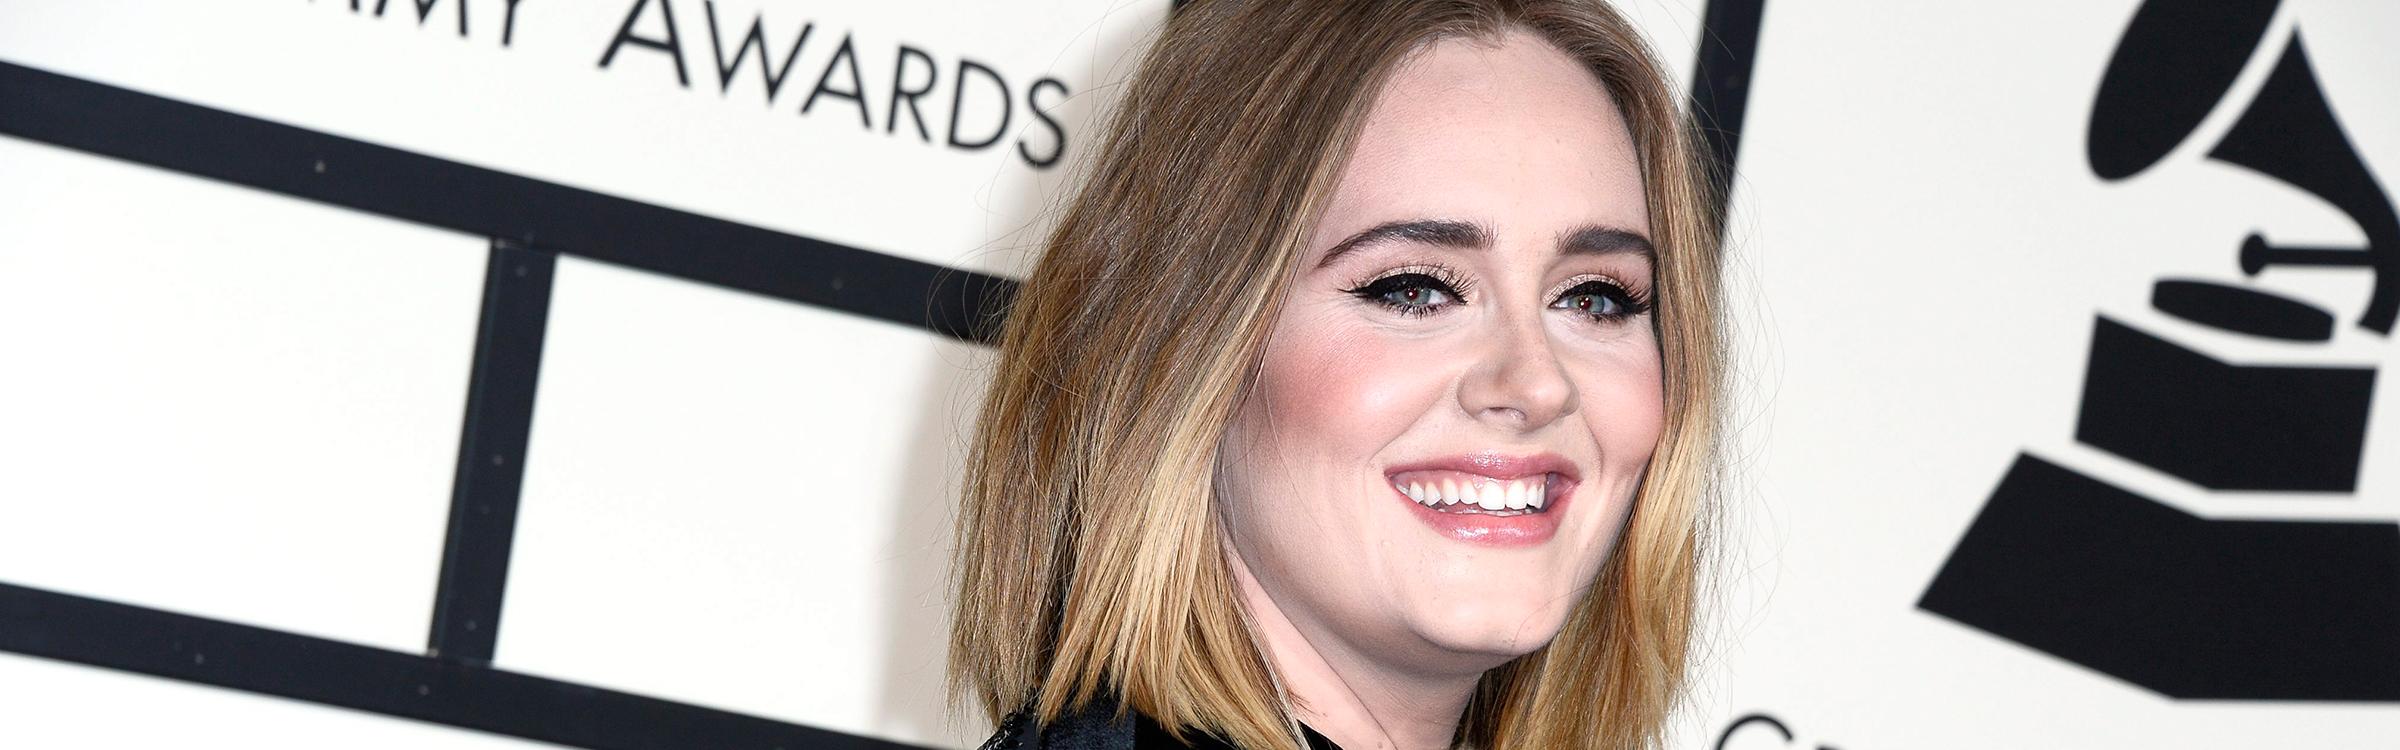 Adele hond header